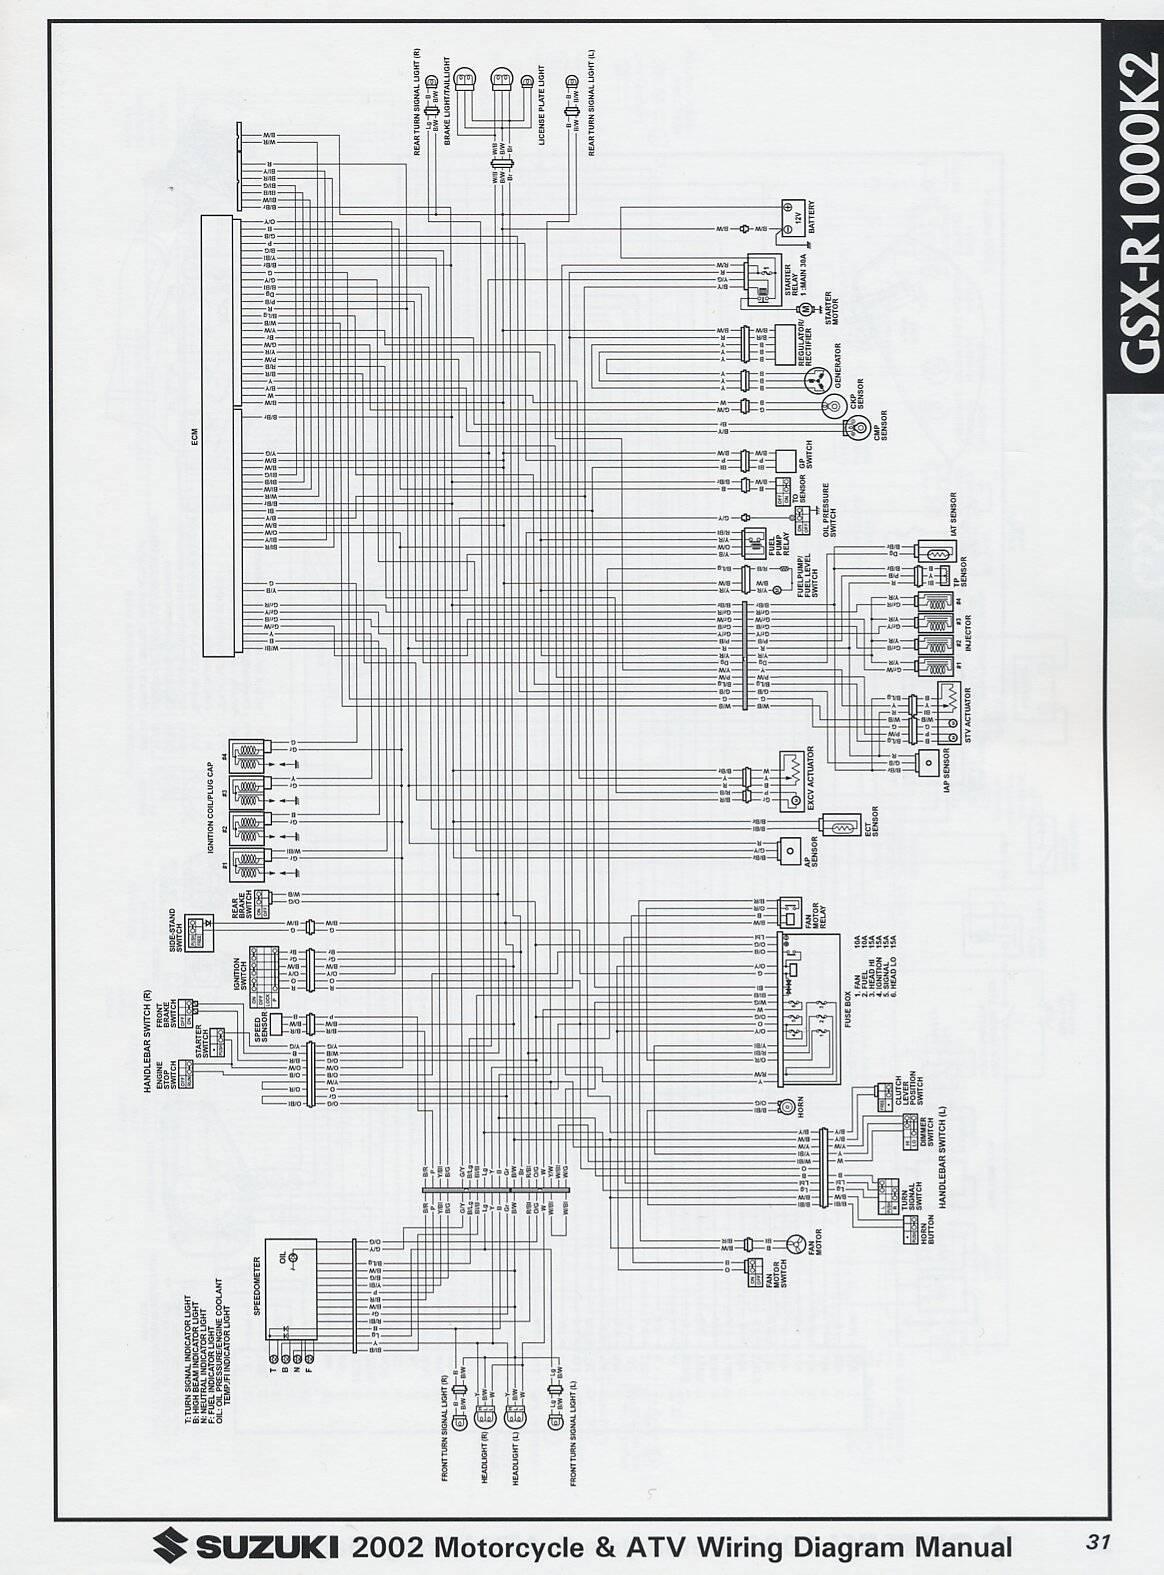 gsxr 1000 engine diagram data wiring diagrams Tl 1000 R Wiring Diagram 02 gsxr 1000 wire harness diagram wiring diagram library gsxr 1000 specs hp 2004 gsxr 1000